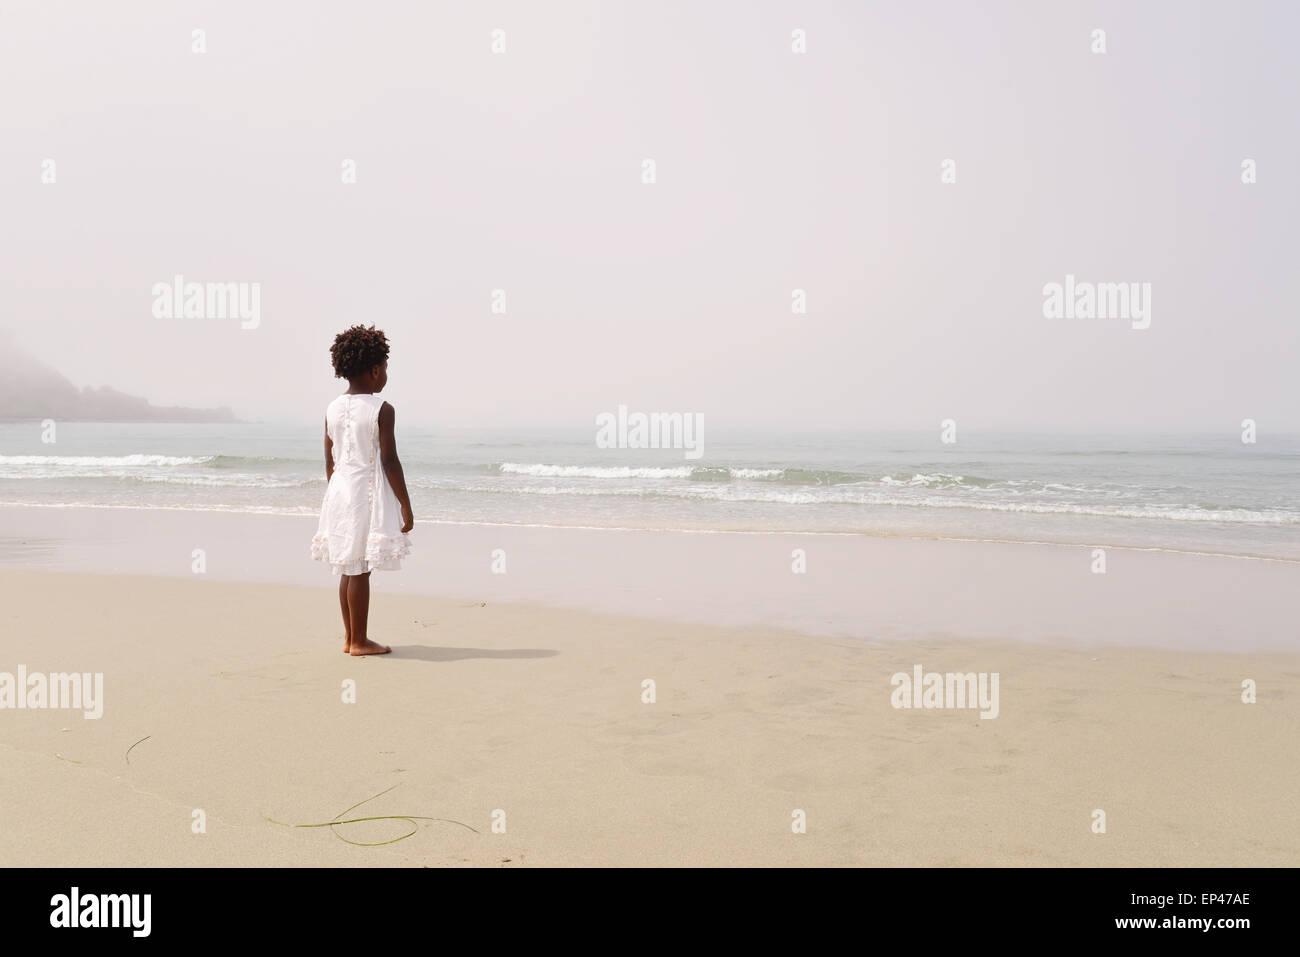 Rückansicht des afroamerikanischen Mädchen am Strand mit Blick auf das Meer Stockbild